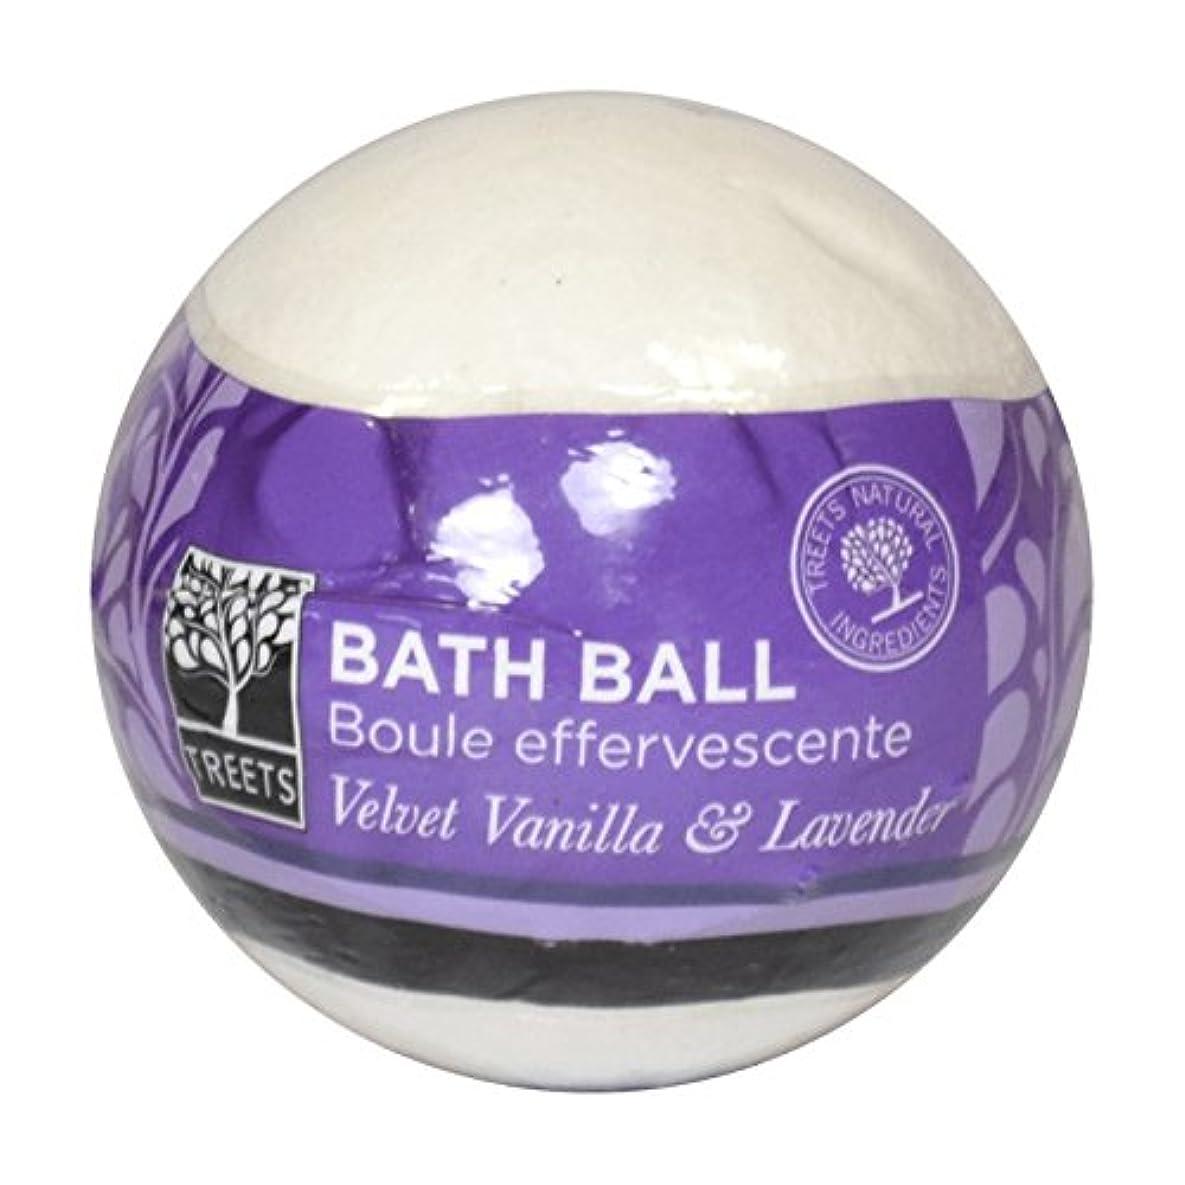 ムス北西ためにTreets Velvet Vanilla & Lavender Bath Ball (Pack of 2) - Treetsベルベットのバニラ&ラベンダーバスボール (x2) [並行輸入品]